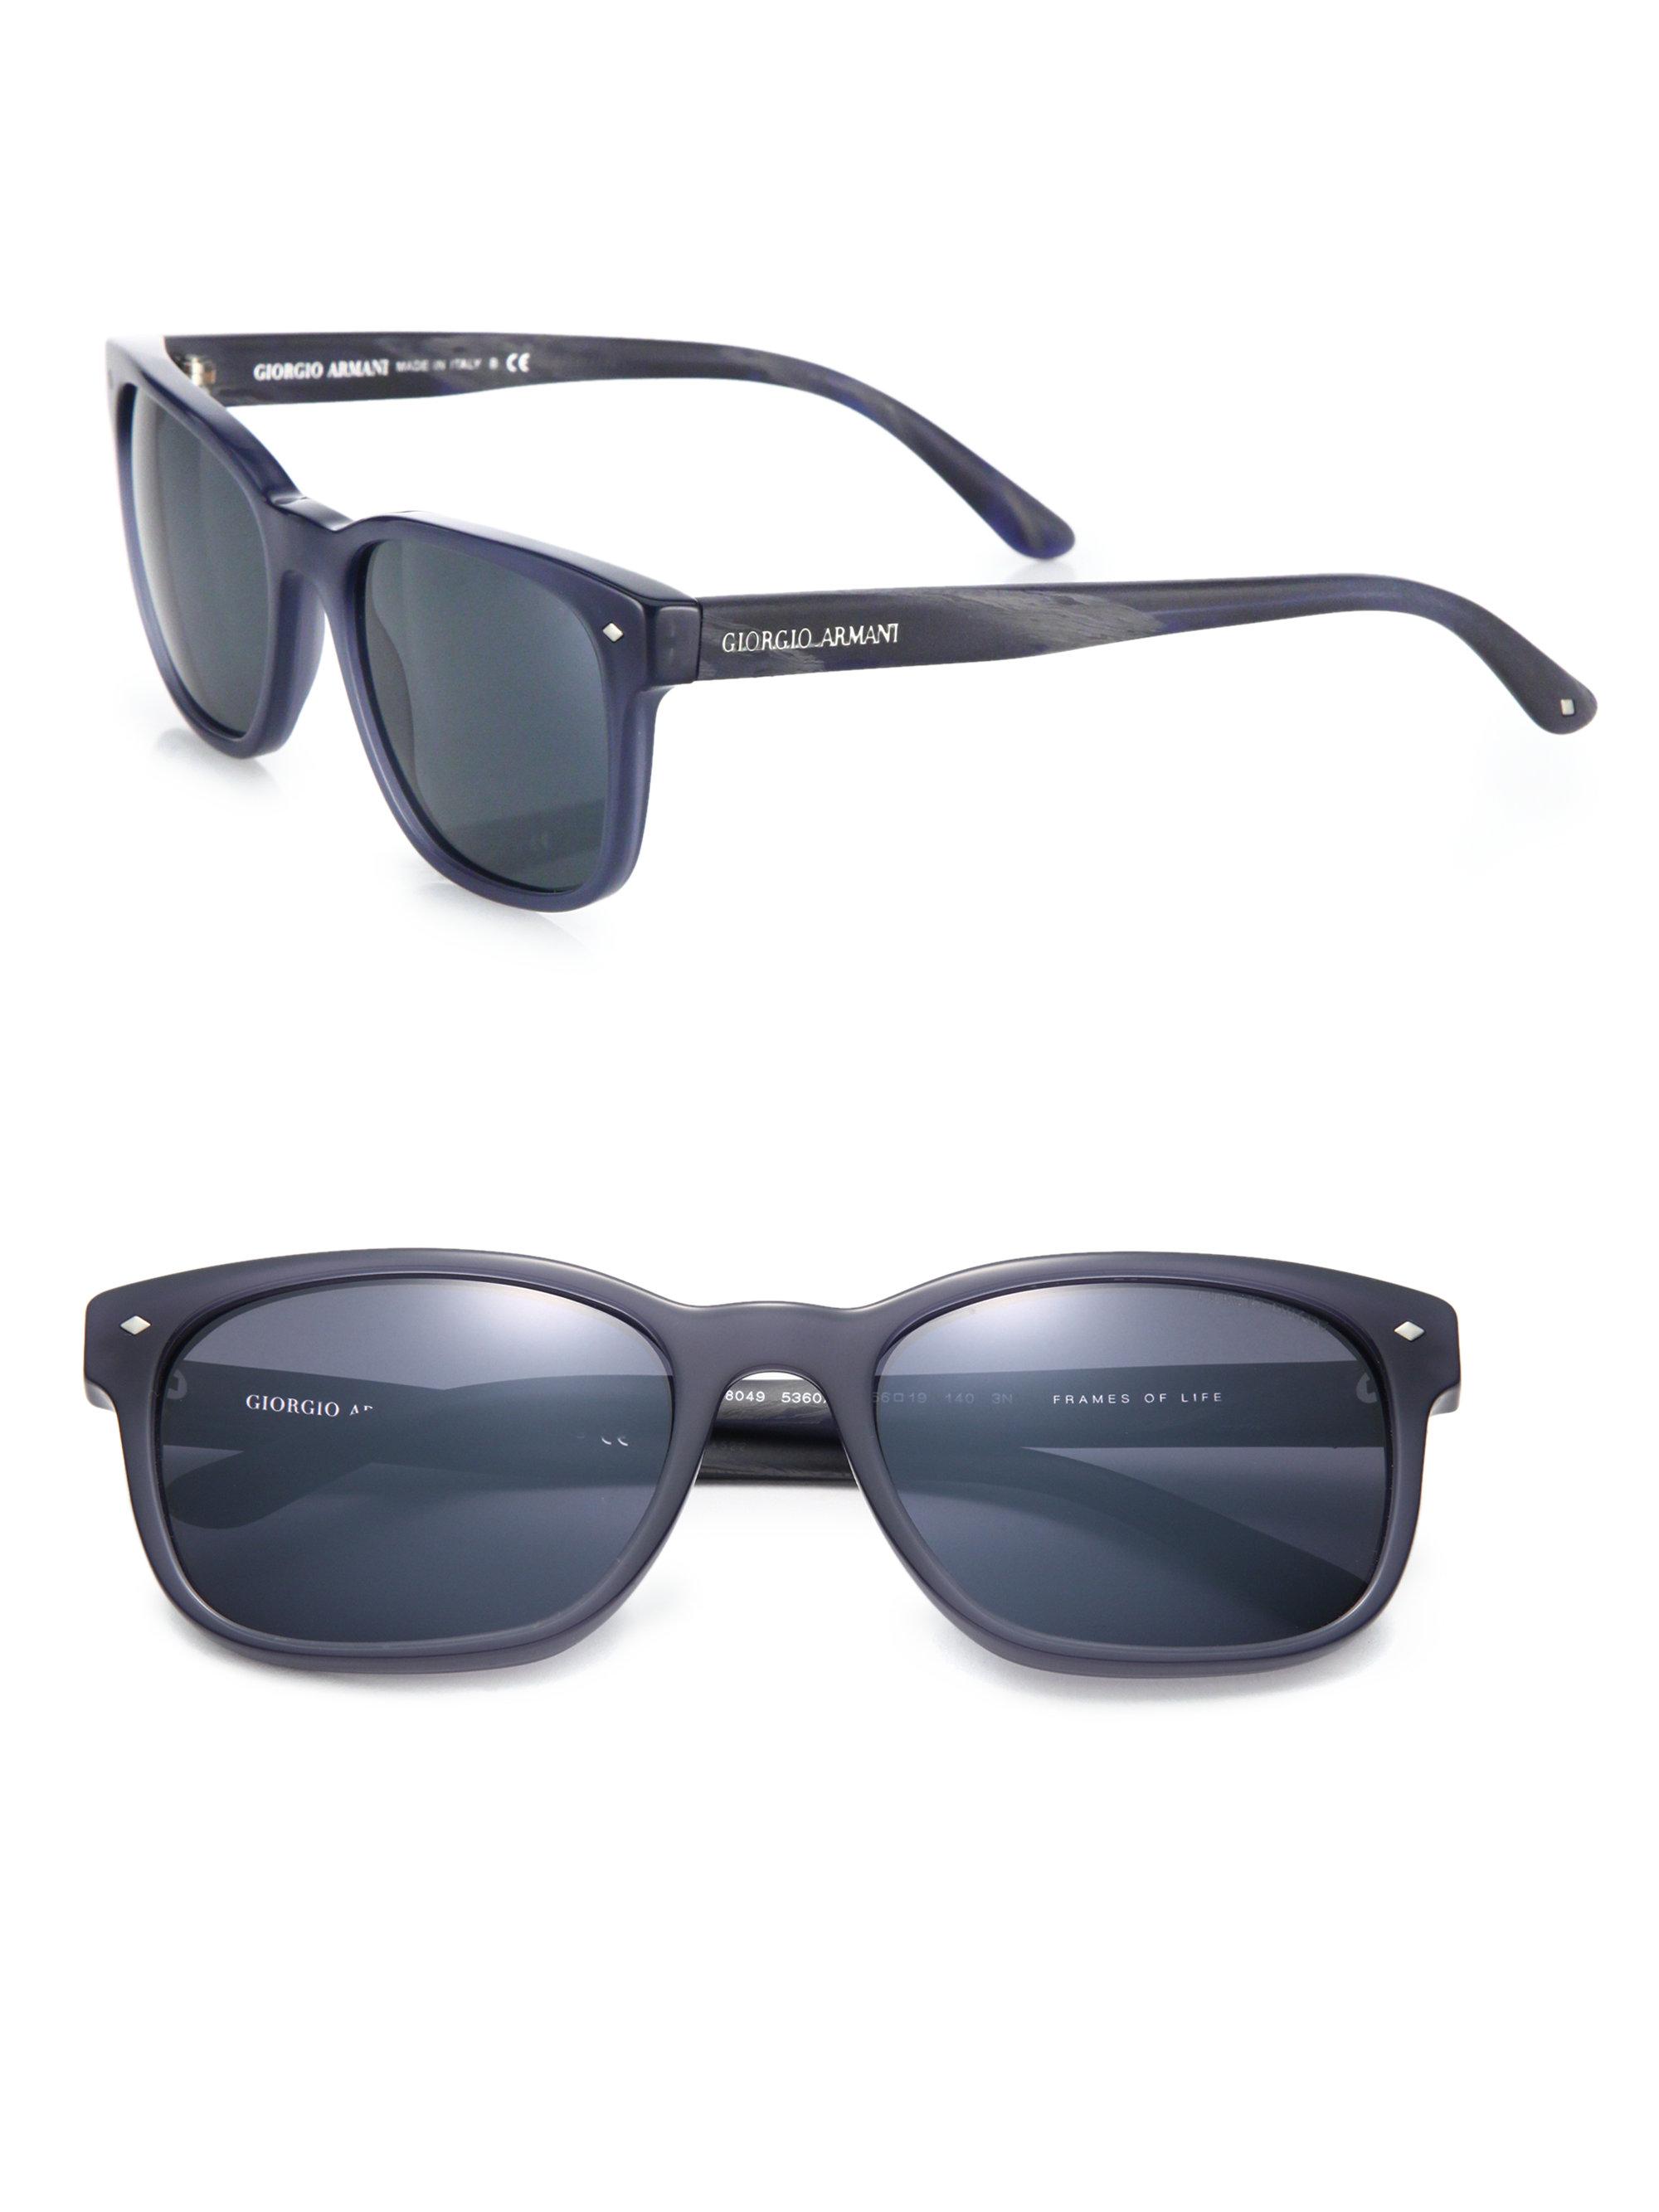 d7243fe66b74 Giorgio armani 56mm Acetate Square Sunglasses in Blue for Men